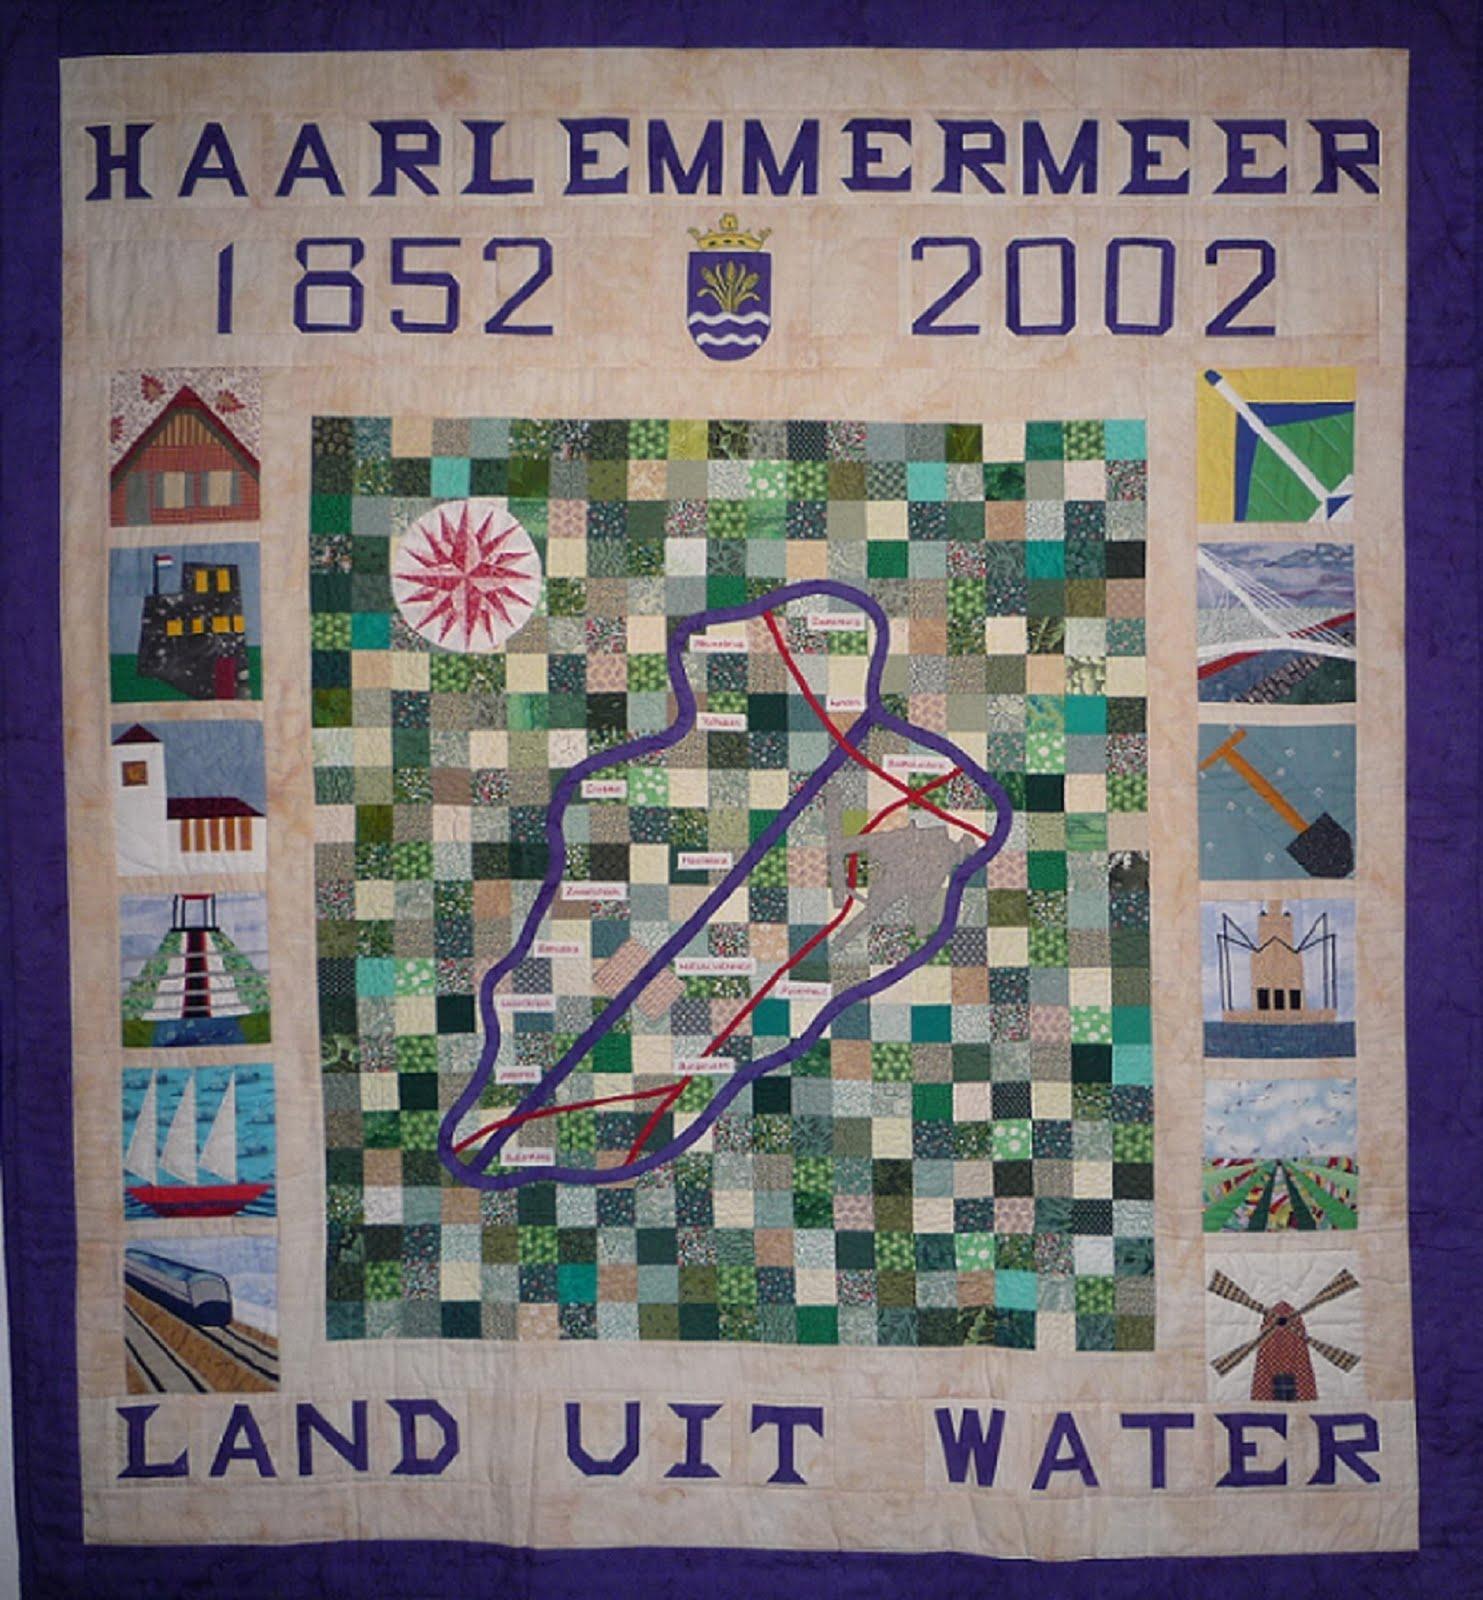 'Haarlemmermeerquilt'  collectie  Haarlemmermeermuseum